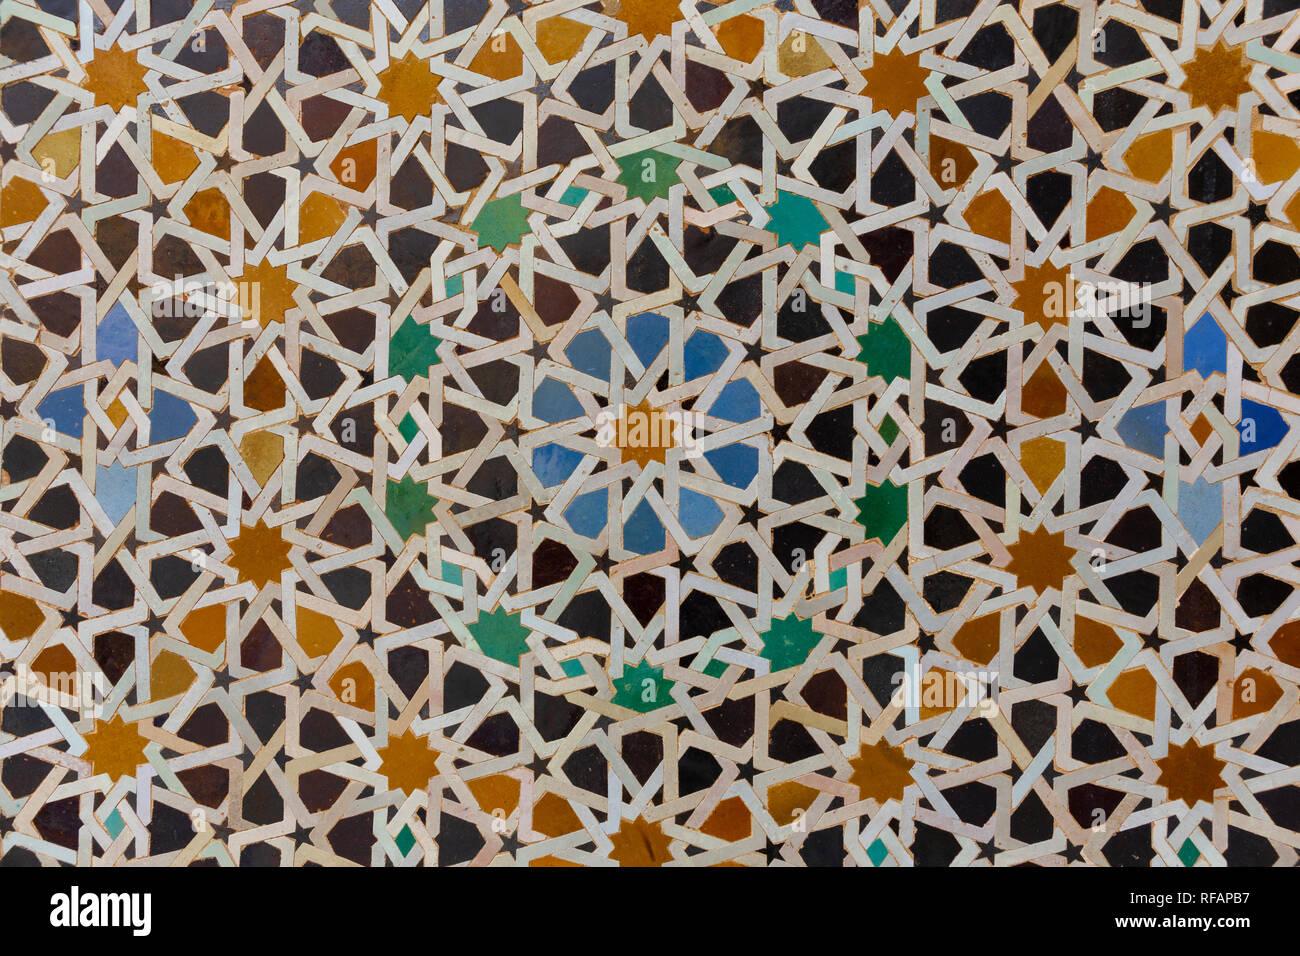 Árabe Floral patrón sin fisuras. Fondo Islámico árabe tradicional. Elemento  de decoración de la 75590b8ad7a